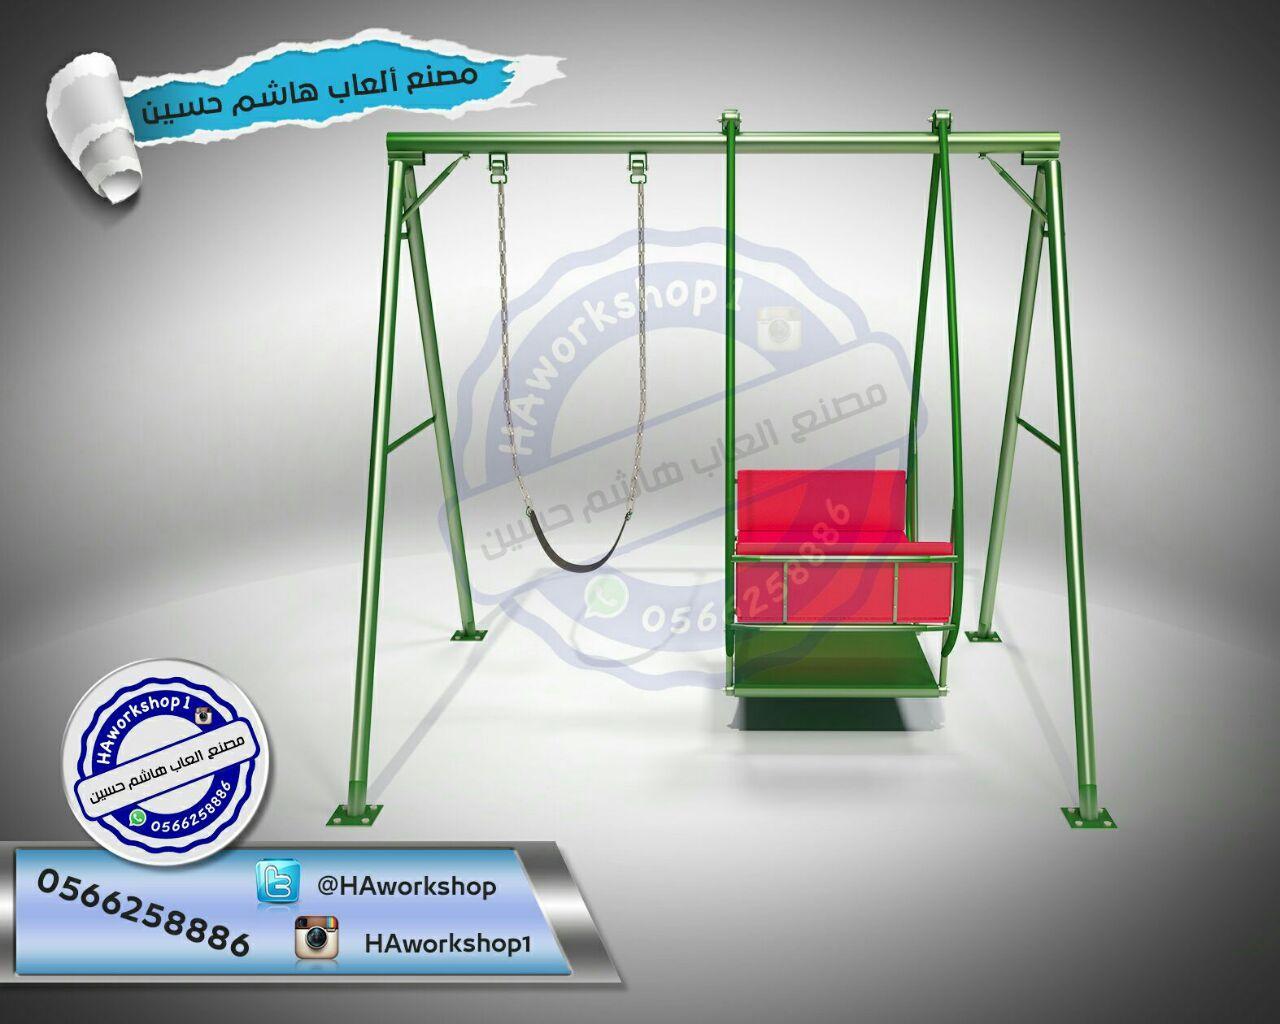 مصنع العاب هاشم حسين مراجيح زحاليق سلم تسلق صحن دوار نطاطات العاب هزازة 0566258886 703974686